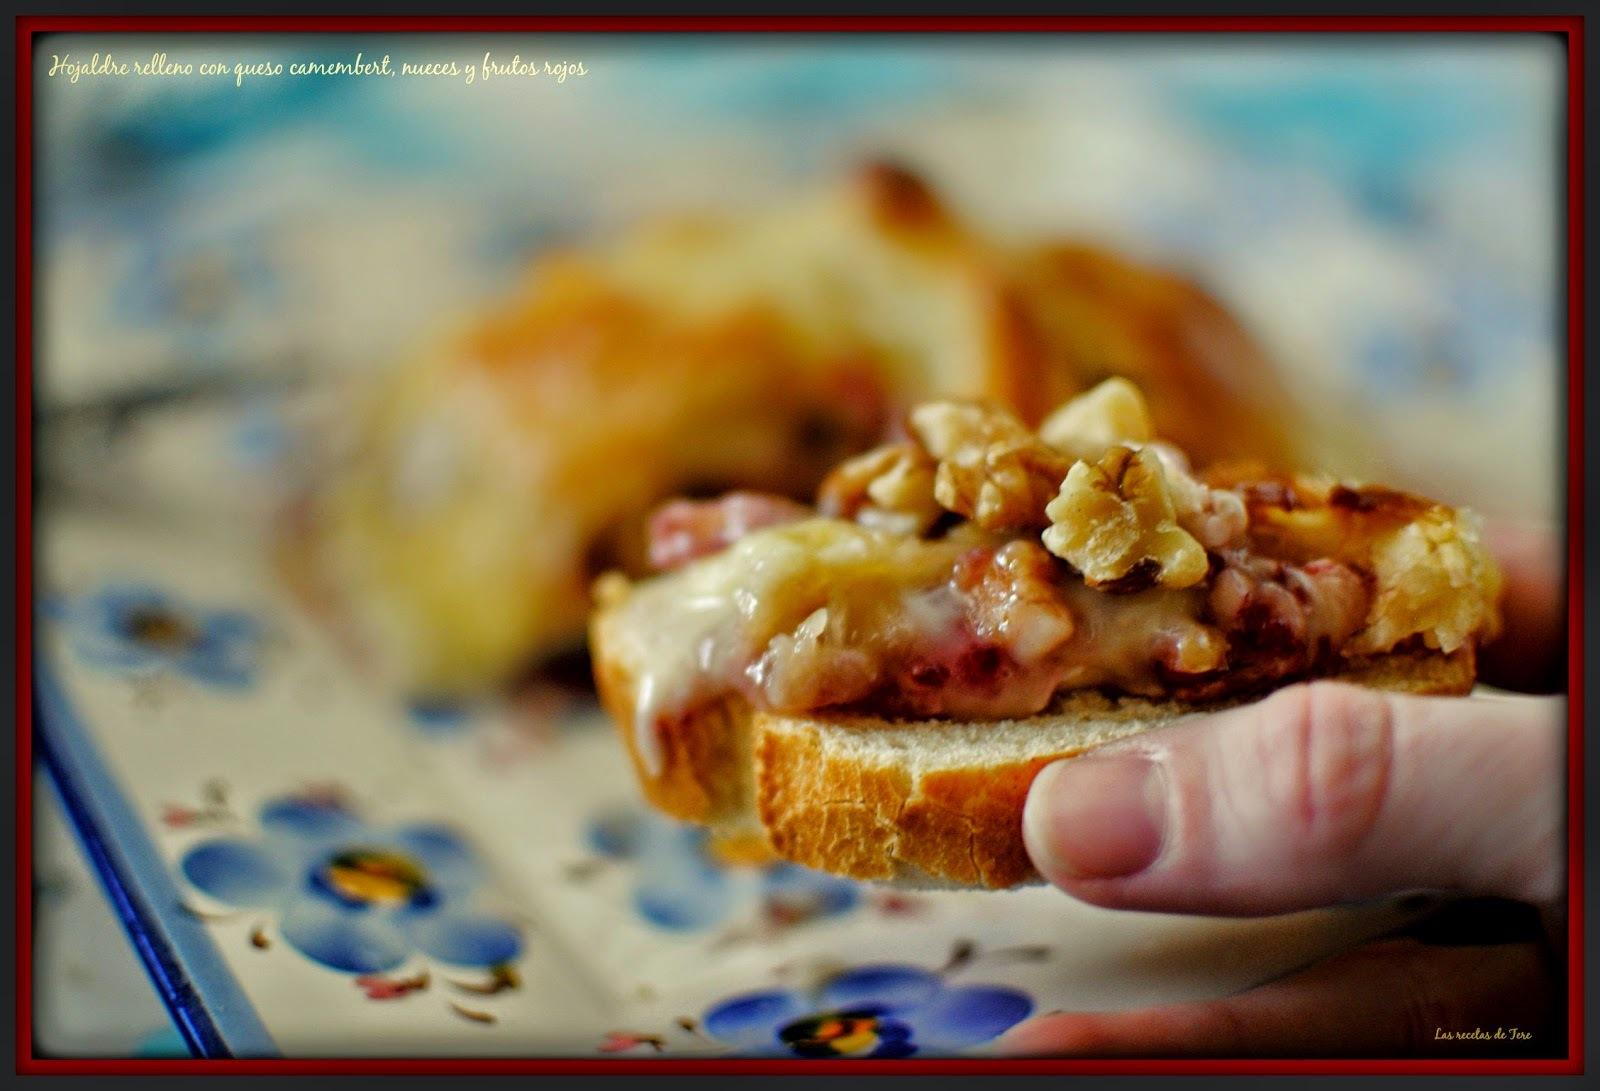 Hojaldre relleno con queso camembert, nueces y frutos rojos.